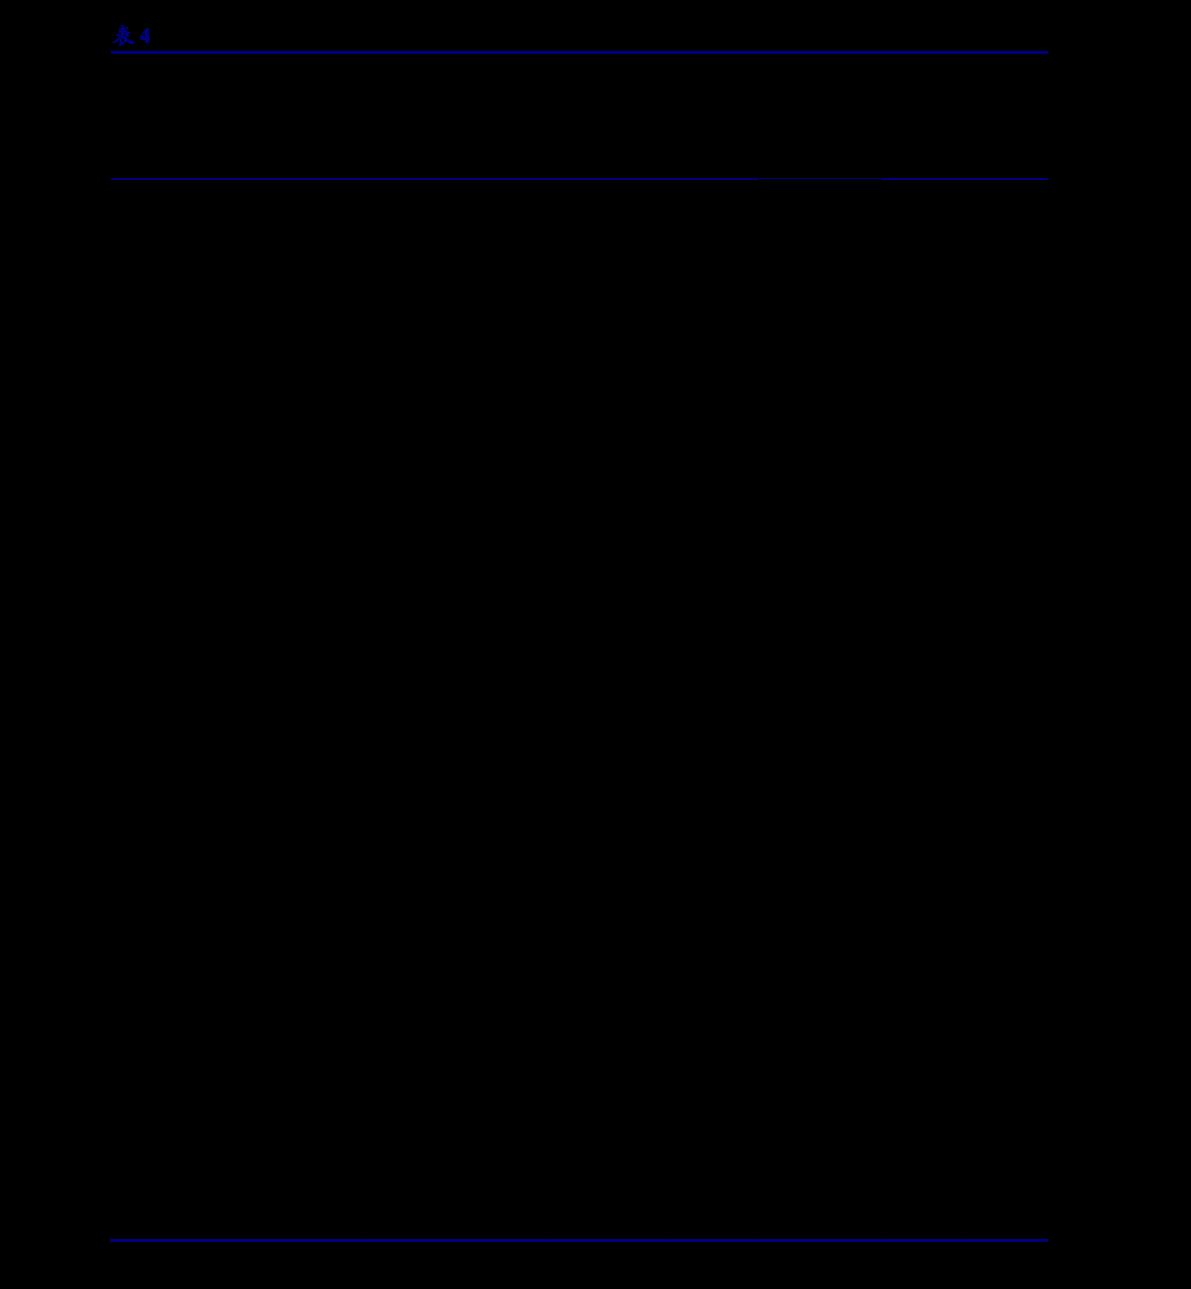 国盛千赢国际app下载-估值与结构第83期:节后市场震荡回暖-201016